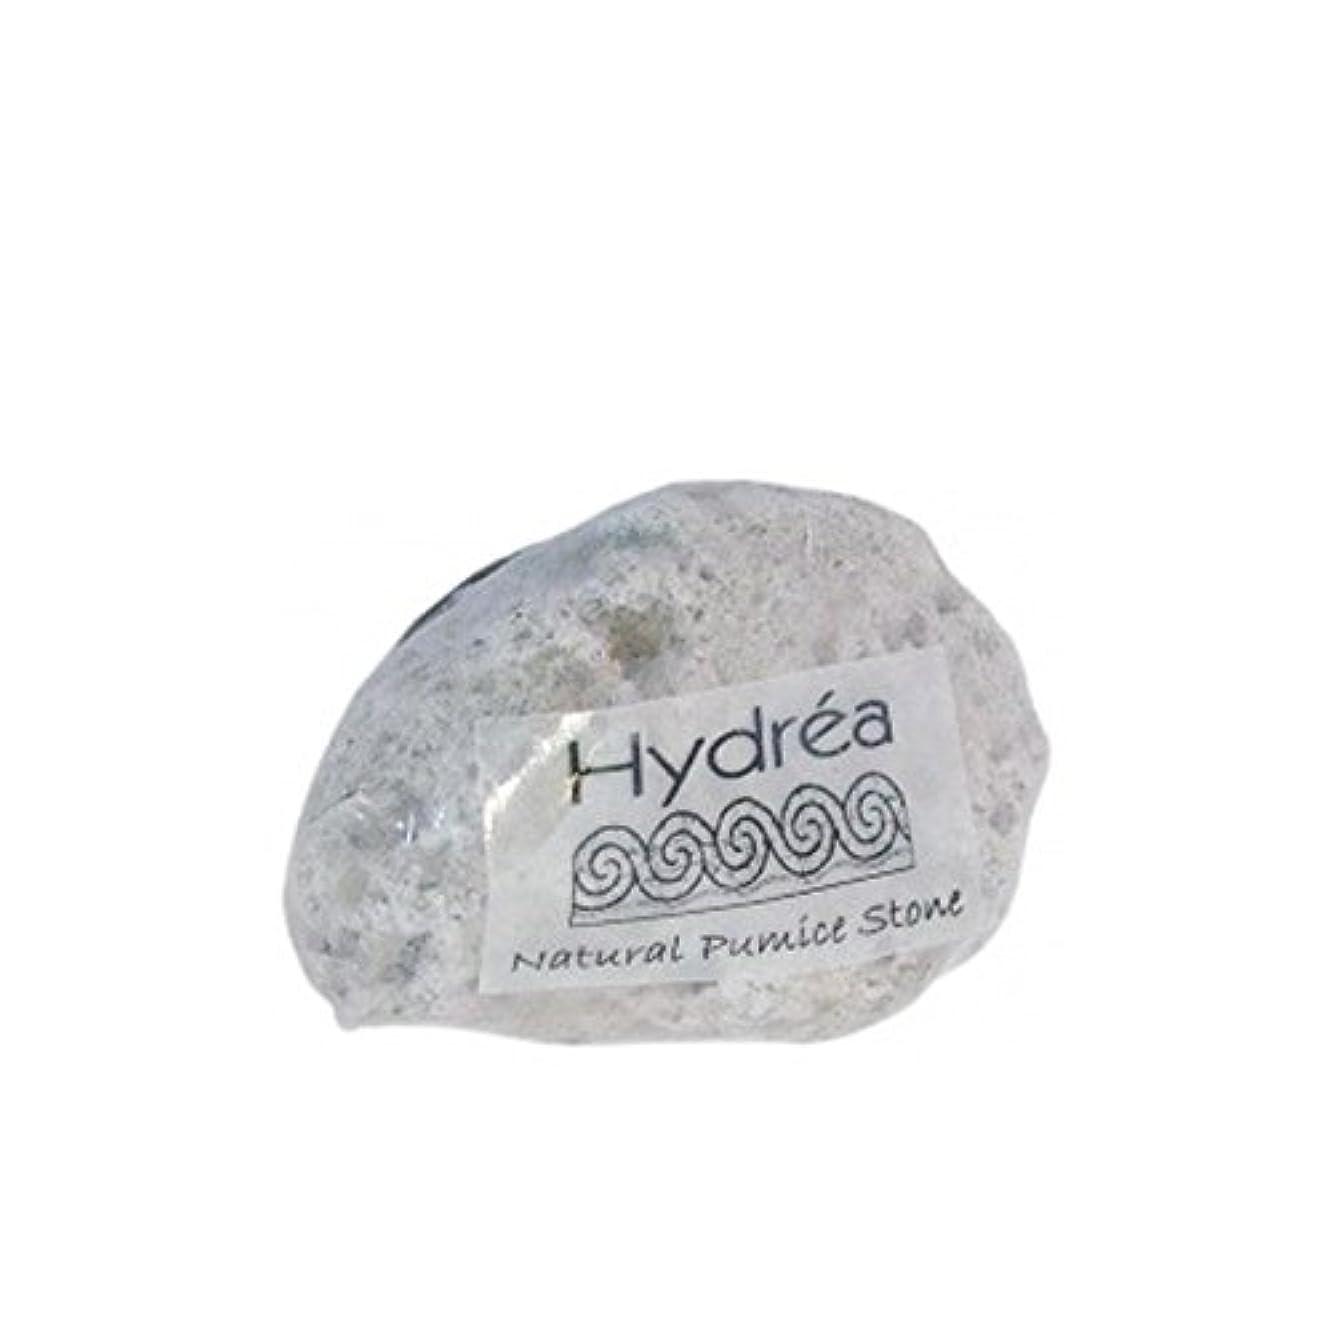 バス無視する洪水Hydrea London - Natural Pumice Stone - ハイドレアロンドン - 自然軽石 [並行輸入品]